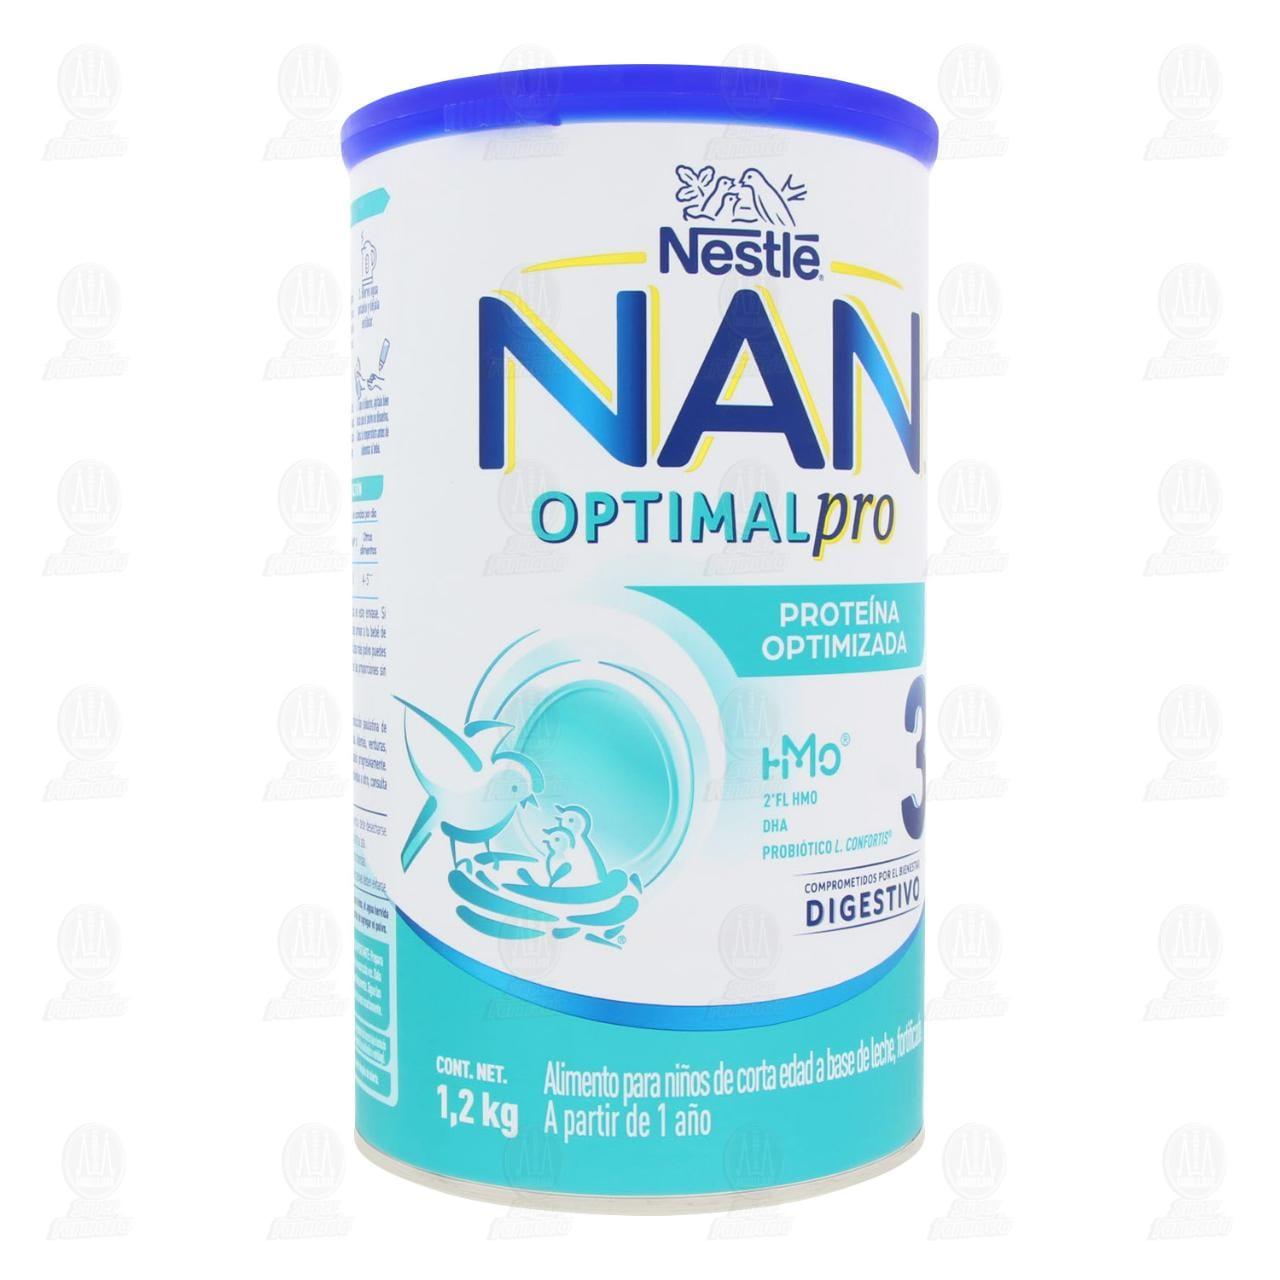 Fórmula Infantil Nestlé Nan Optipro 3 en Polvo (Edad 1-3 Años), 1.2 kg.